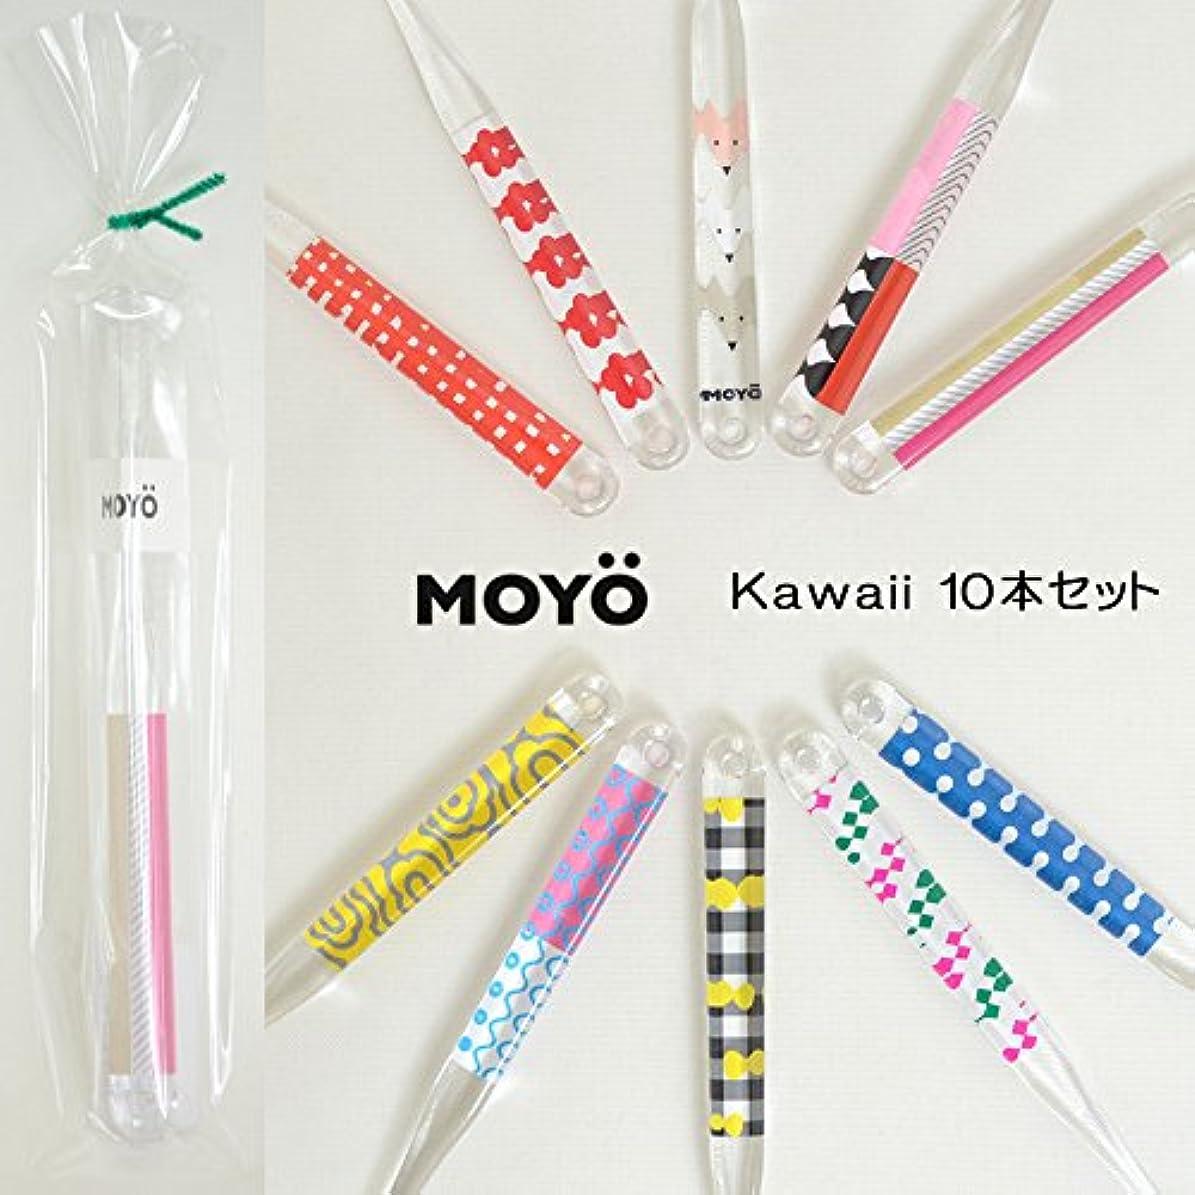 ダイバー荒らす遠征MOYO モヨウ kawaii10本 プチ ギフト セット_562302-kawaii2 【F】,kawaii10本セット